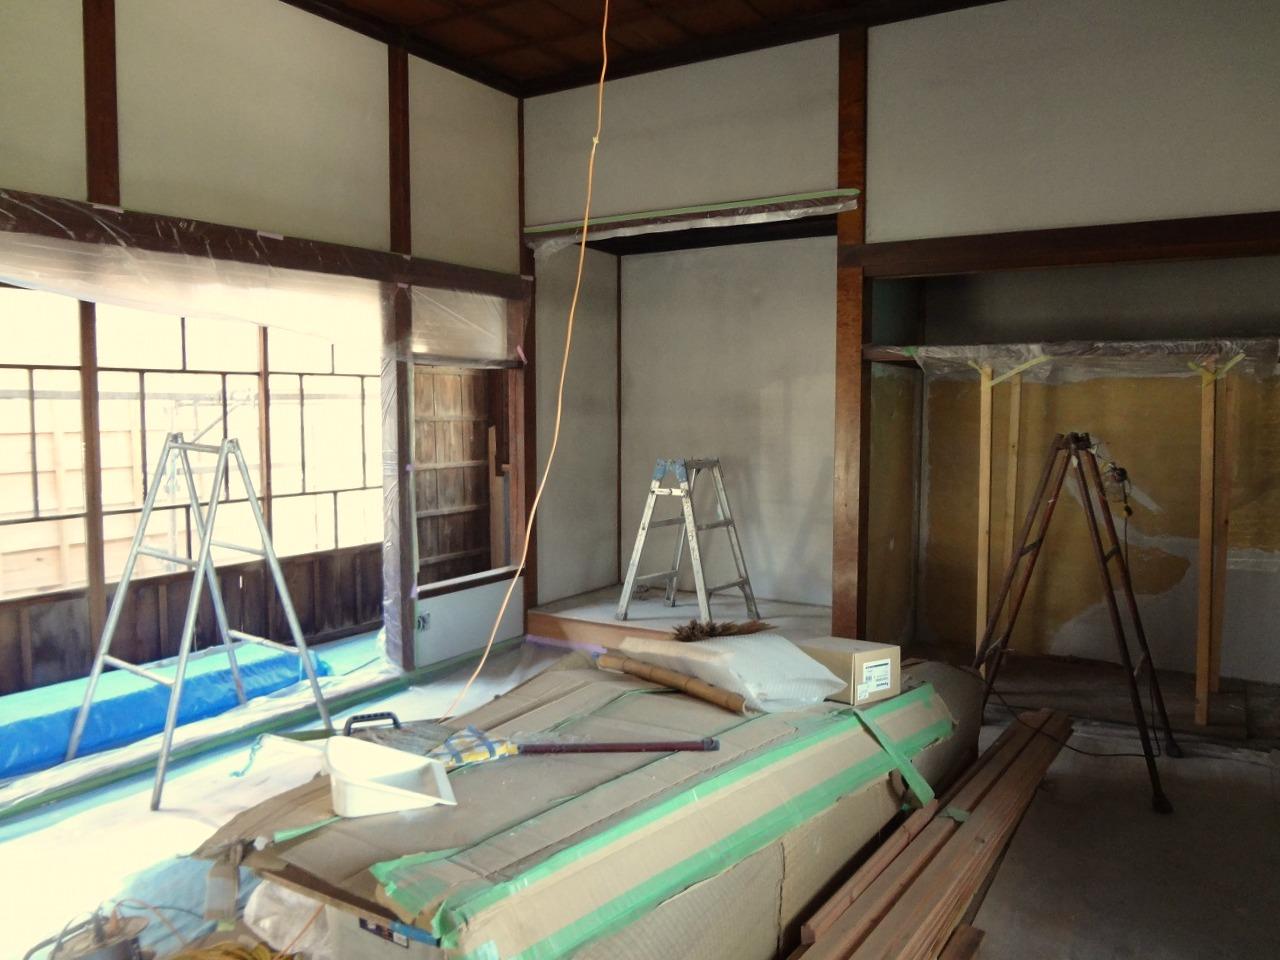 土壁修復_b0274159_09544390.jpg